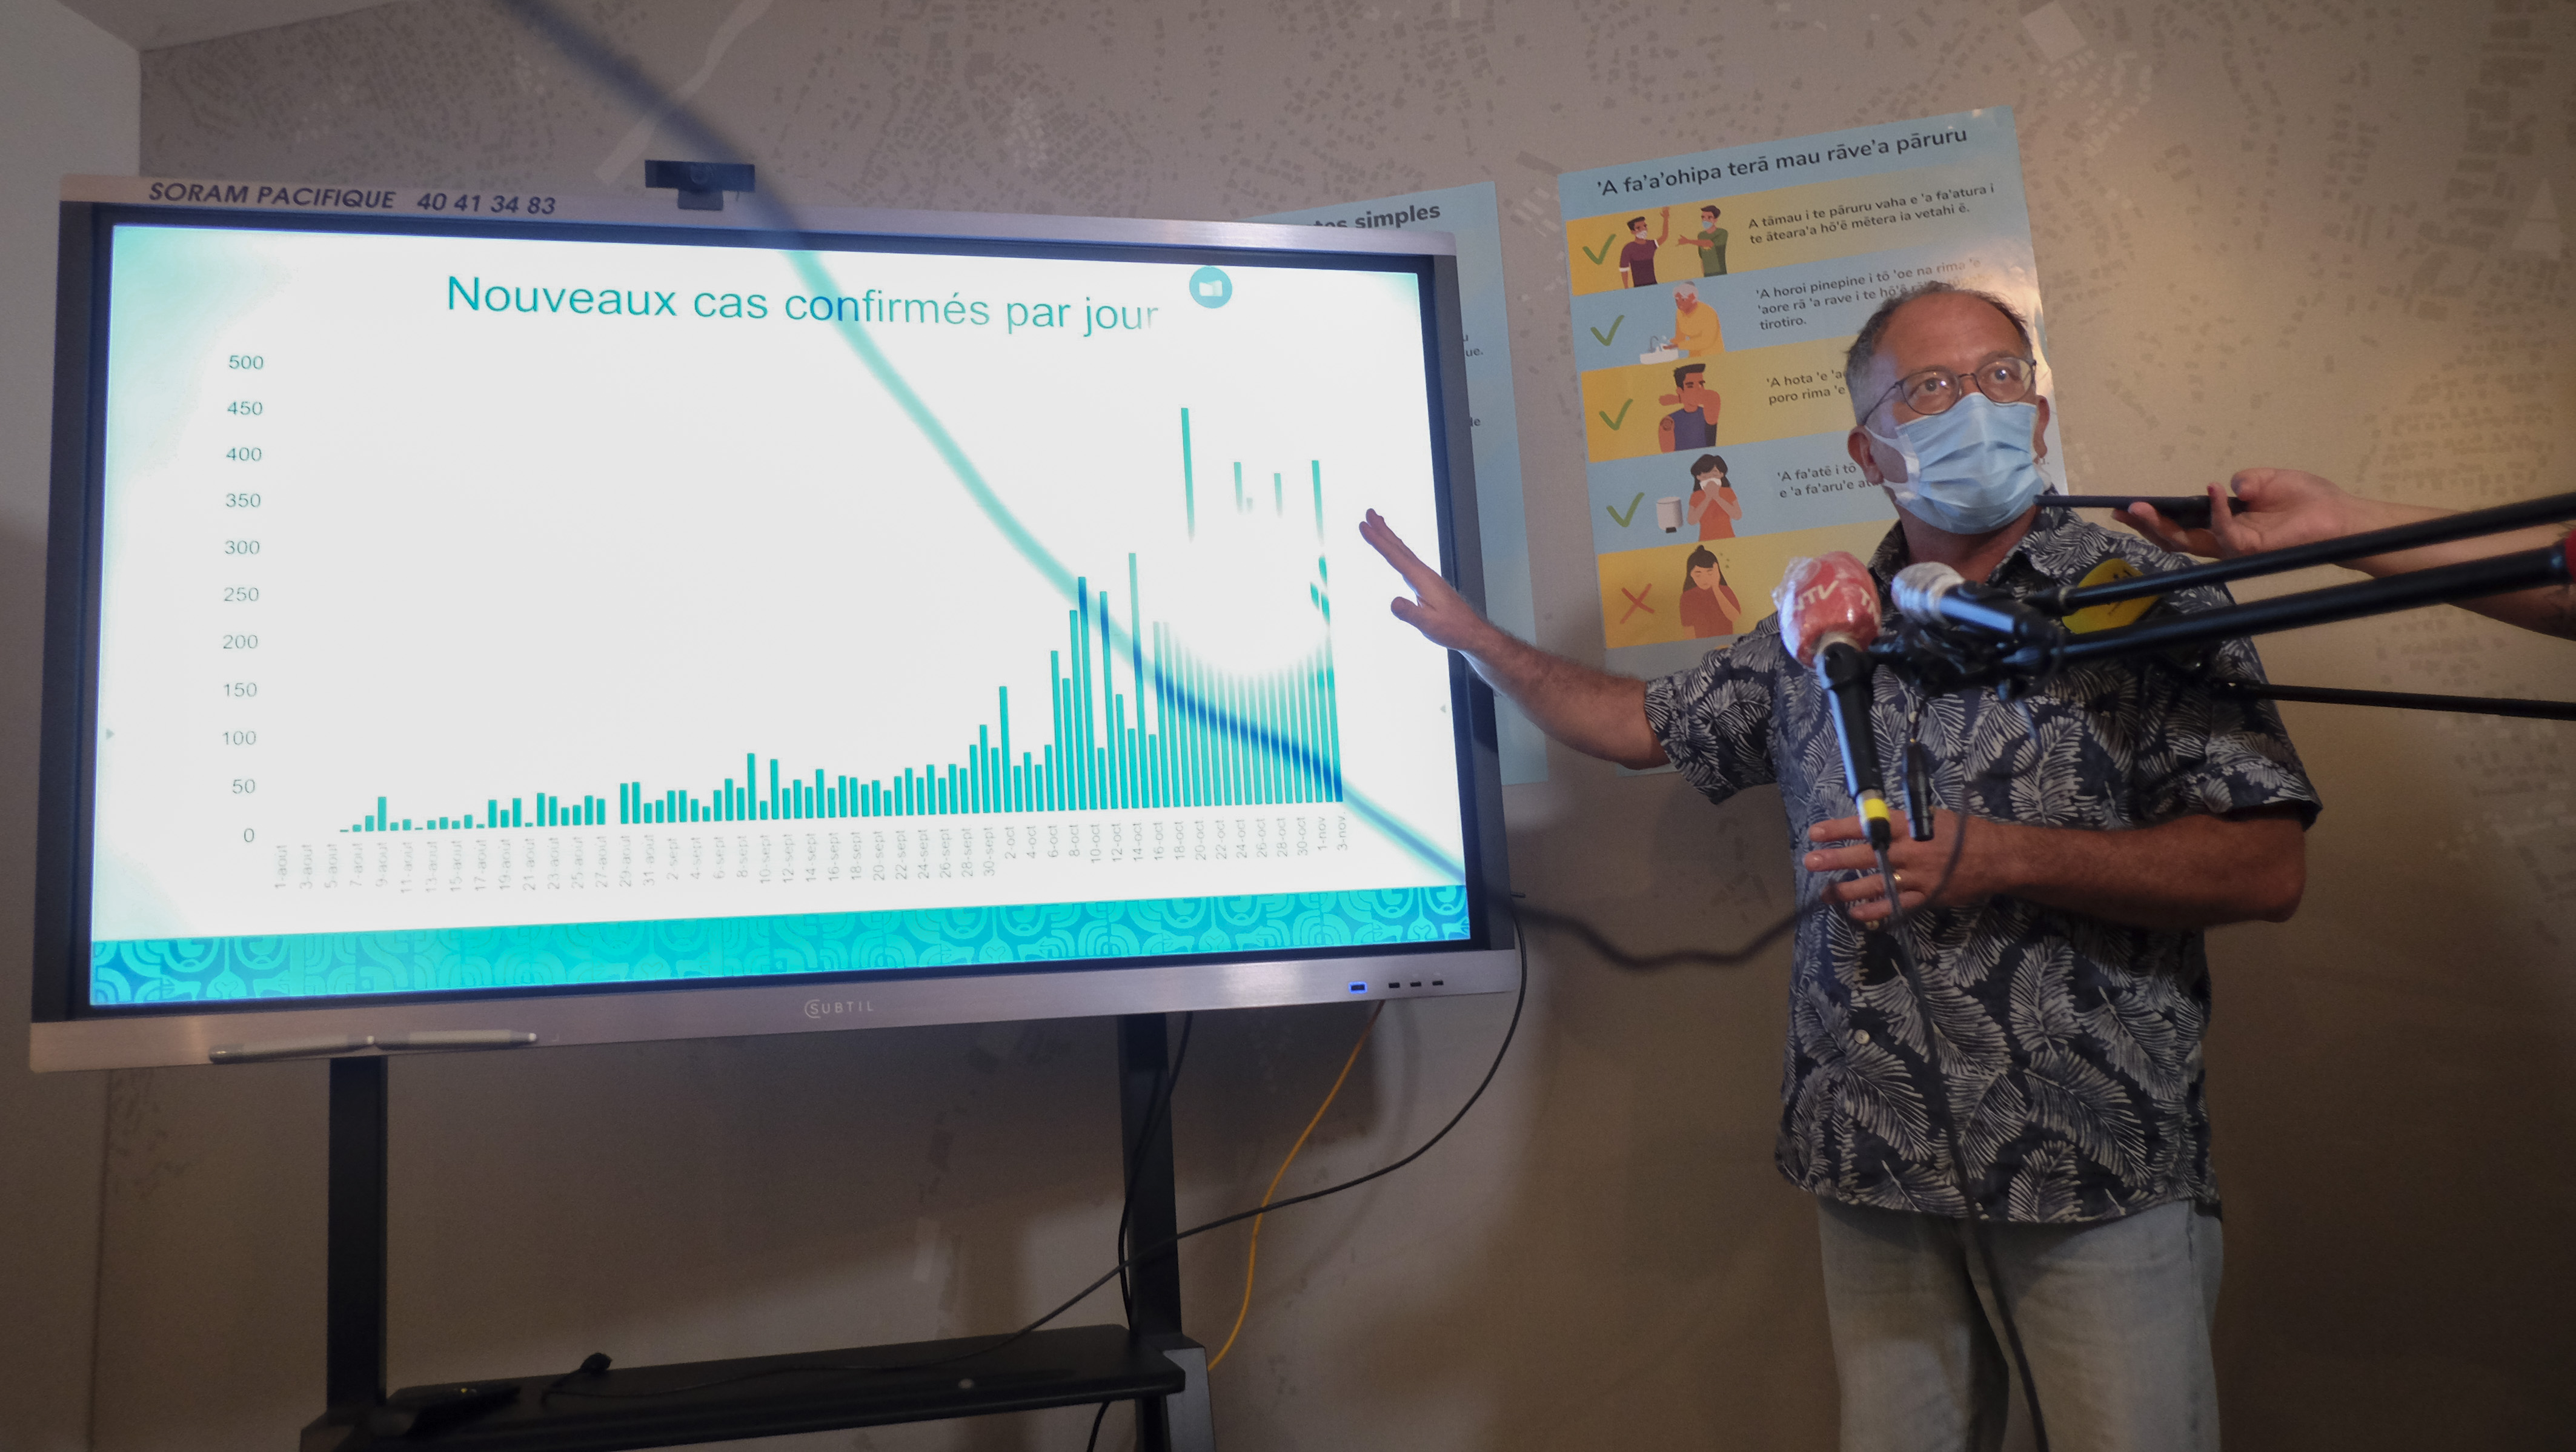 Le docteur Pierre-Henri Mallet, mercredi lors de la présentation des données épidémiologiques du Covid-19 en Polynésie.